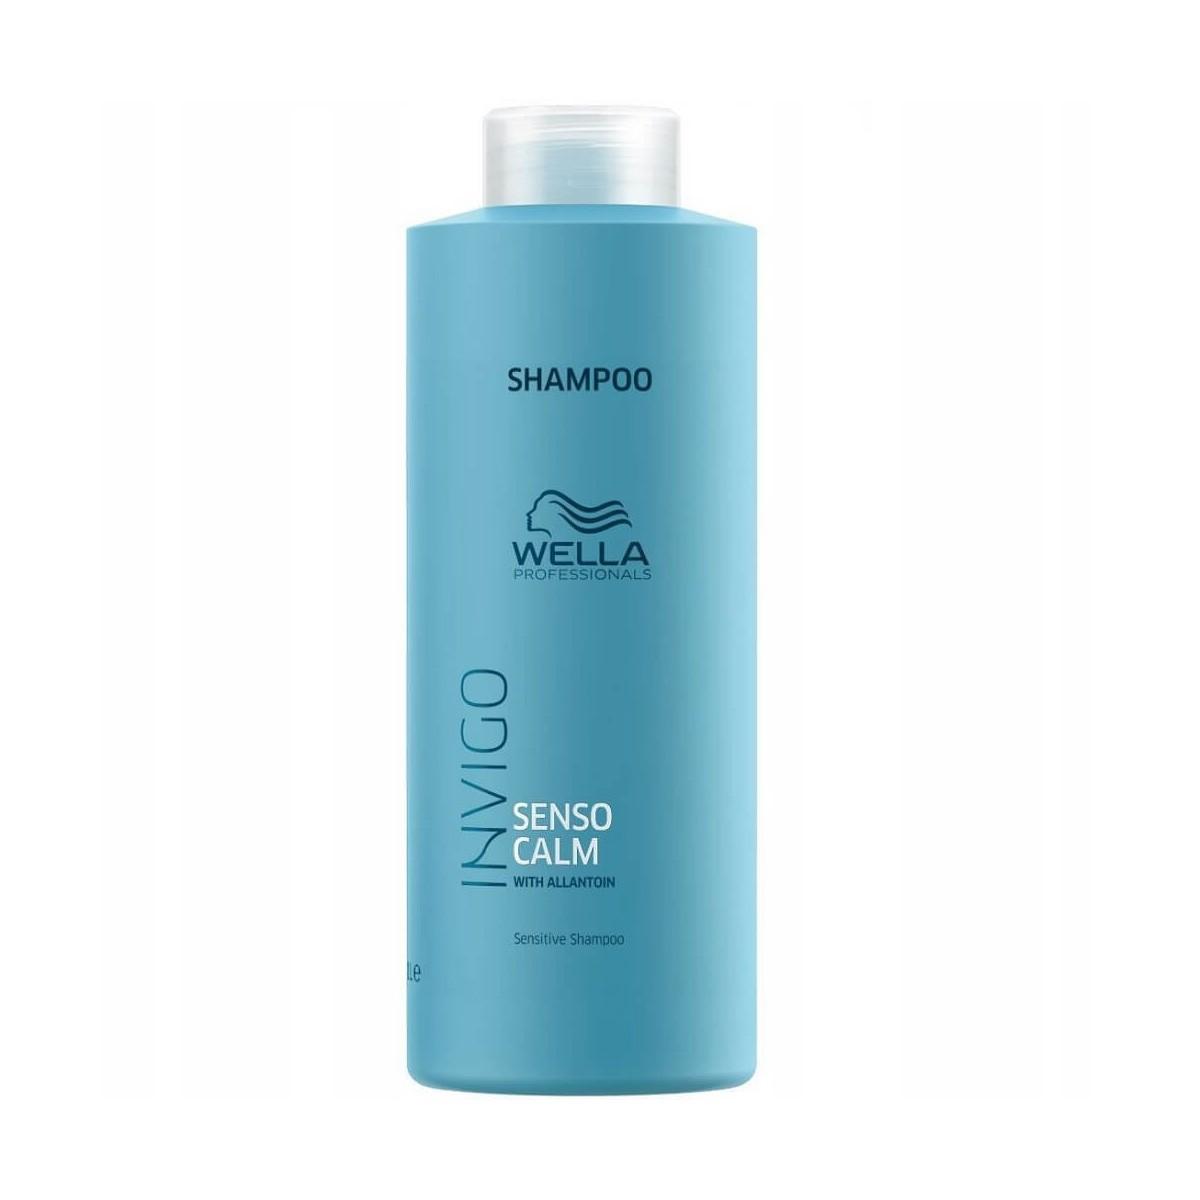 WELLA Invigo Senso Calm Shampoo 1000ml - Szampon oczyszczający do wrażliwej skóry głowy